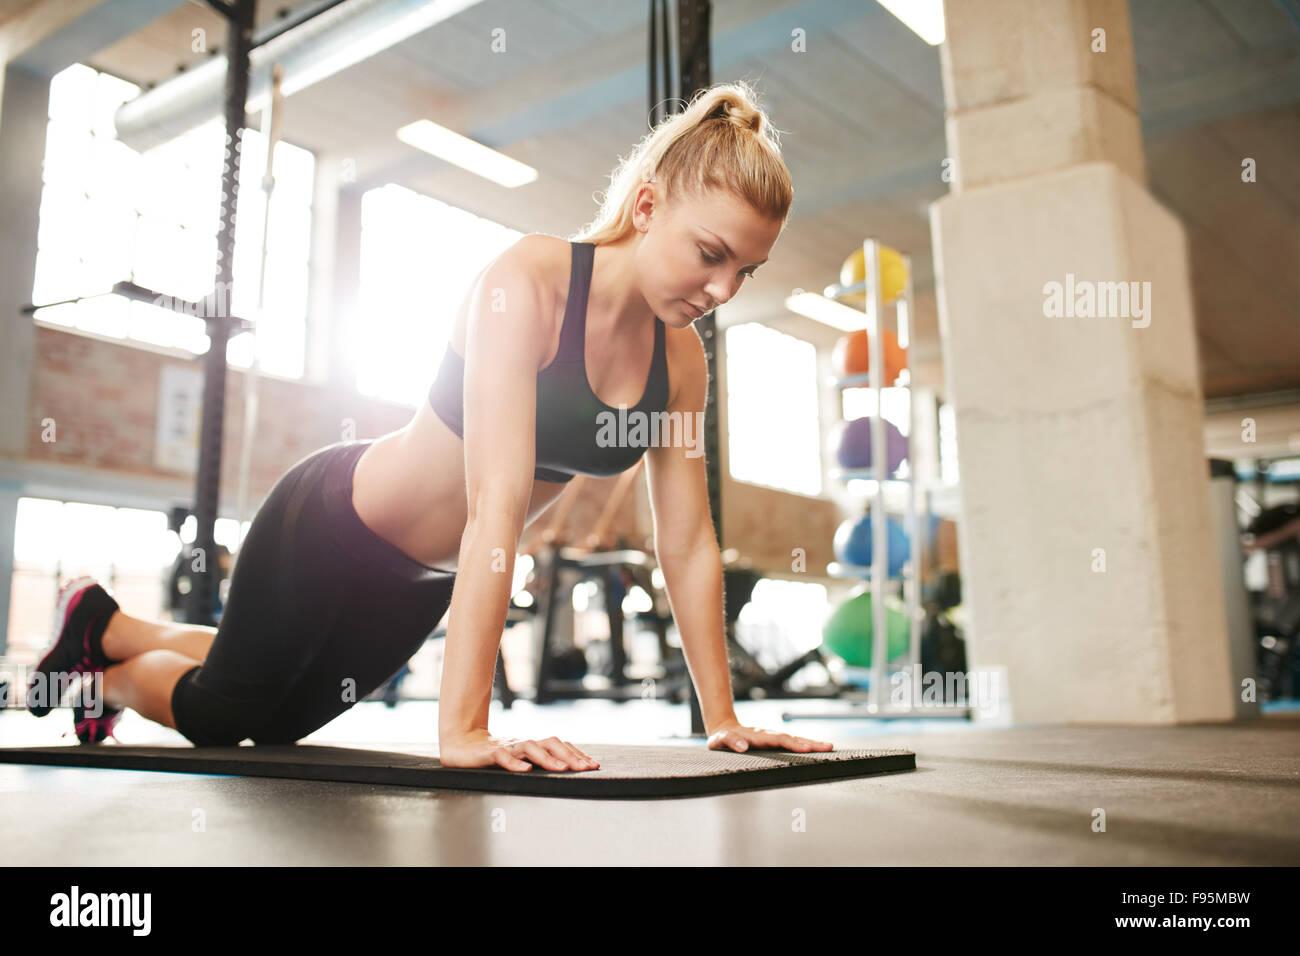 Hübsche junge Frau tun Push Ups auf Trainingsmatte. Trainieren Sie im Fitness-Studio Fitness-Frau. Stockfoto